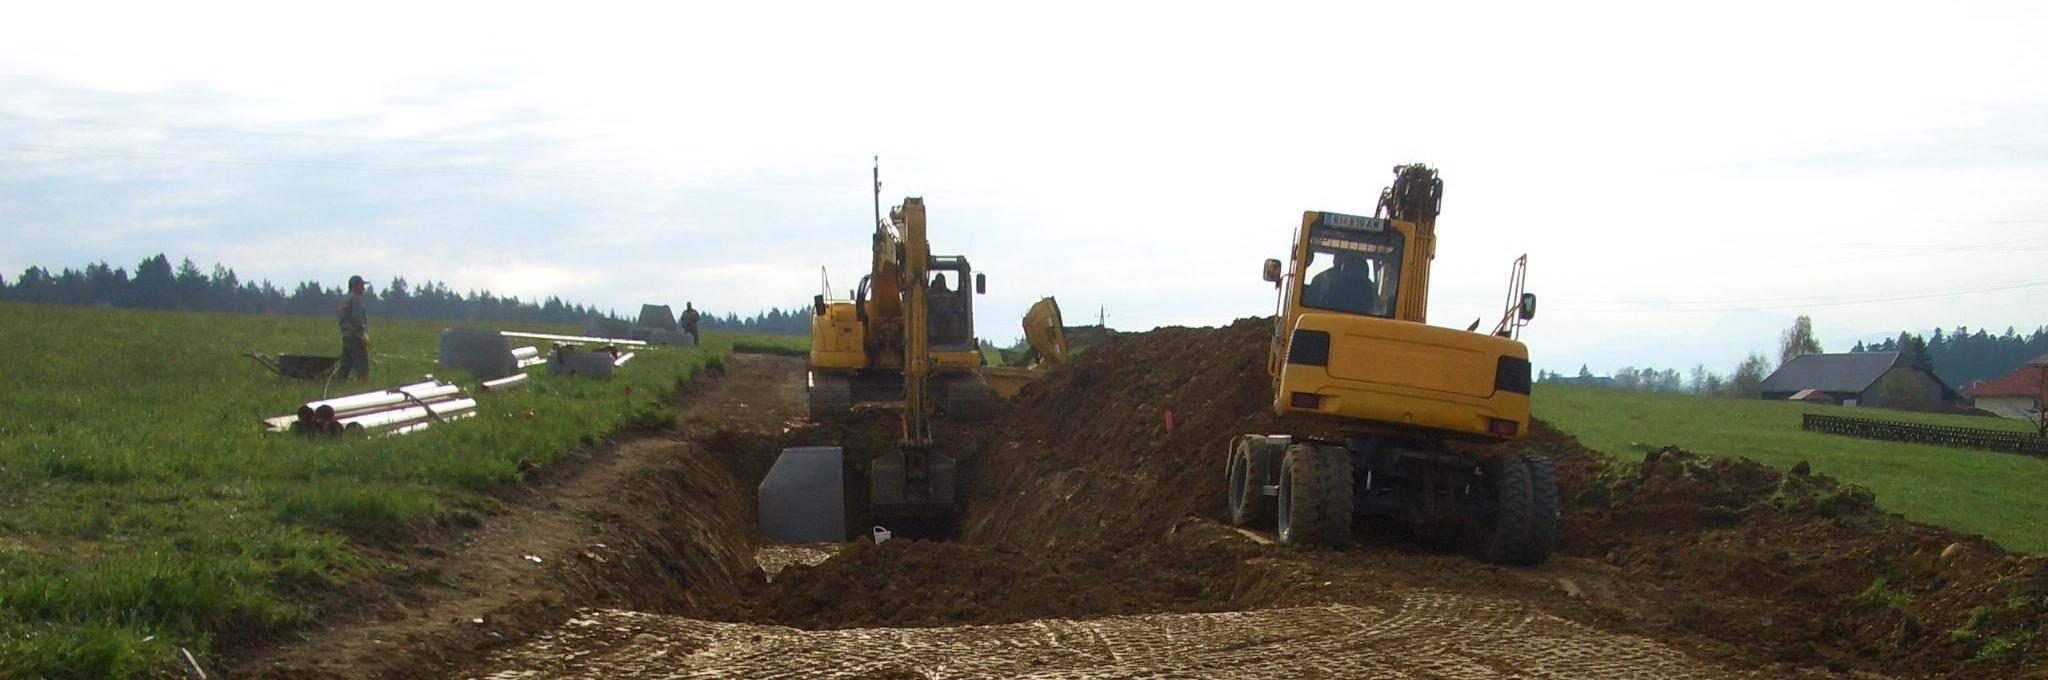 2 Baufahrzeuge (Bagger) bei der Baustellenvorbereitung